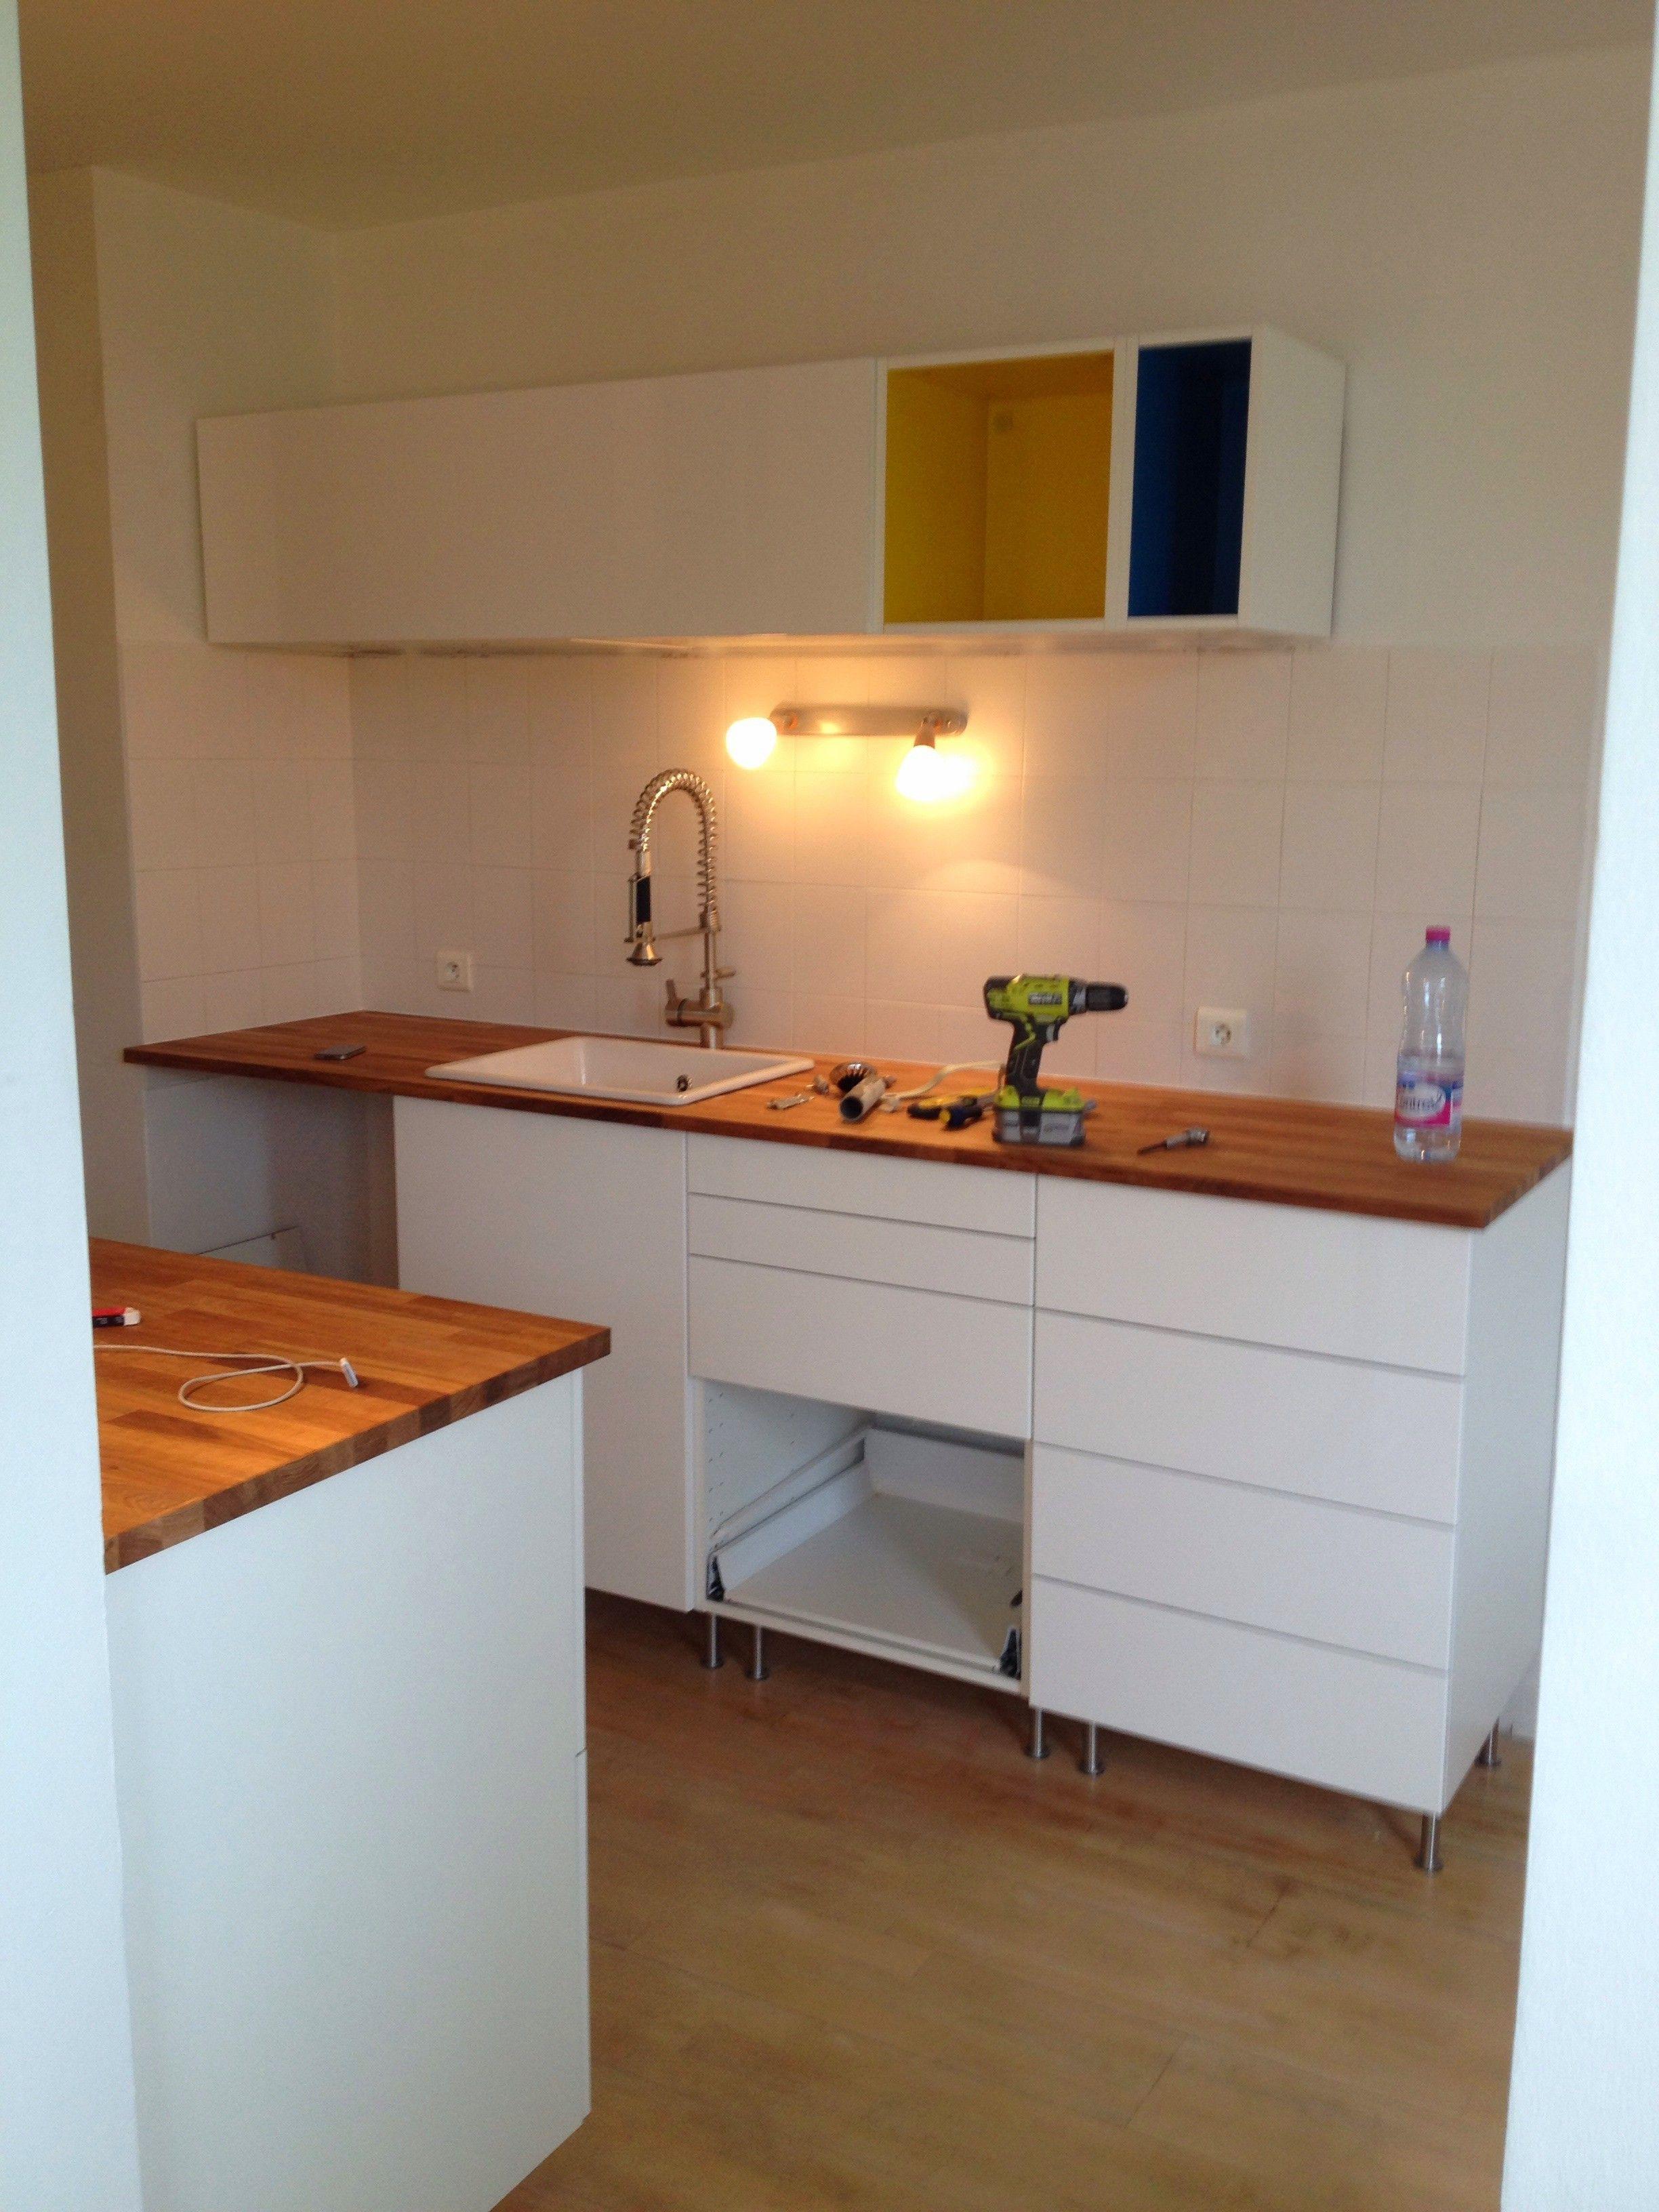 Meuble Haut Bois Ikea - R Sultat De Recherche D Images Pour Meuble Haut De Cuisine Avec [mjhdah]http://4.bp.blogspot.com/-9p00nW9EZzg/VfZMGLyKEwI/AAAAAAAAF2E/jVq_OjWx4DA/s1600/meuble+de+cuisine+en+bois+brut+3